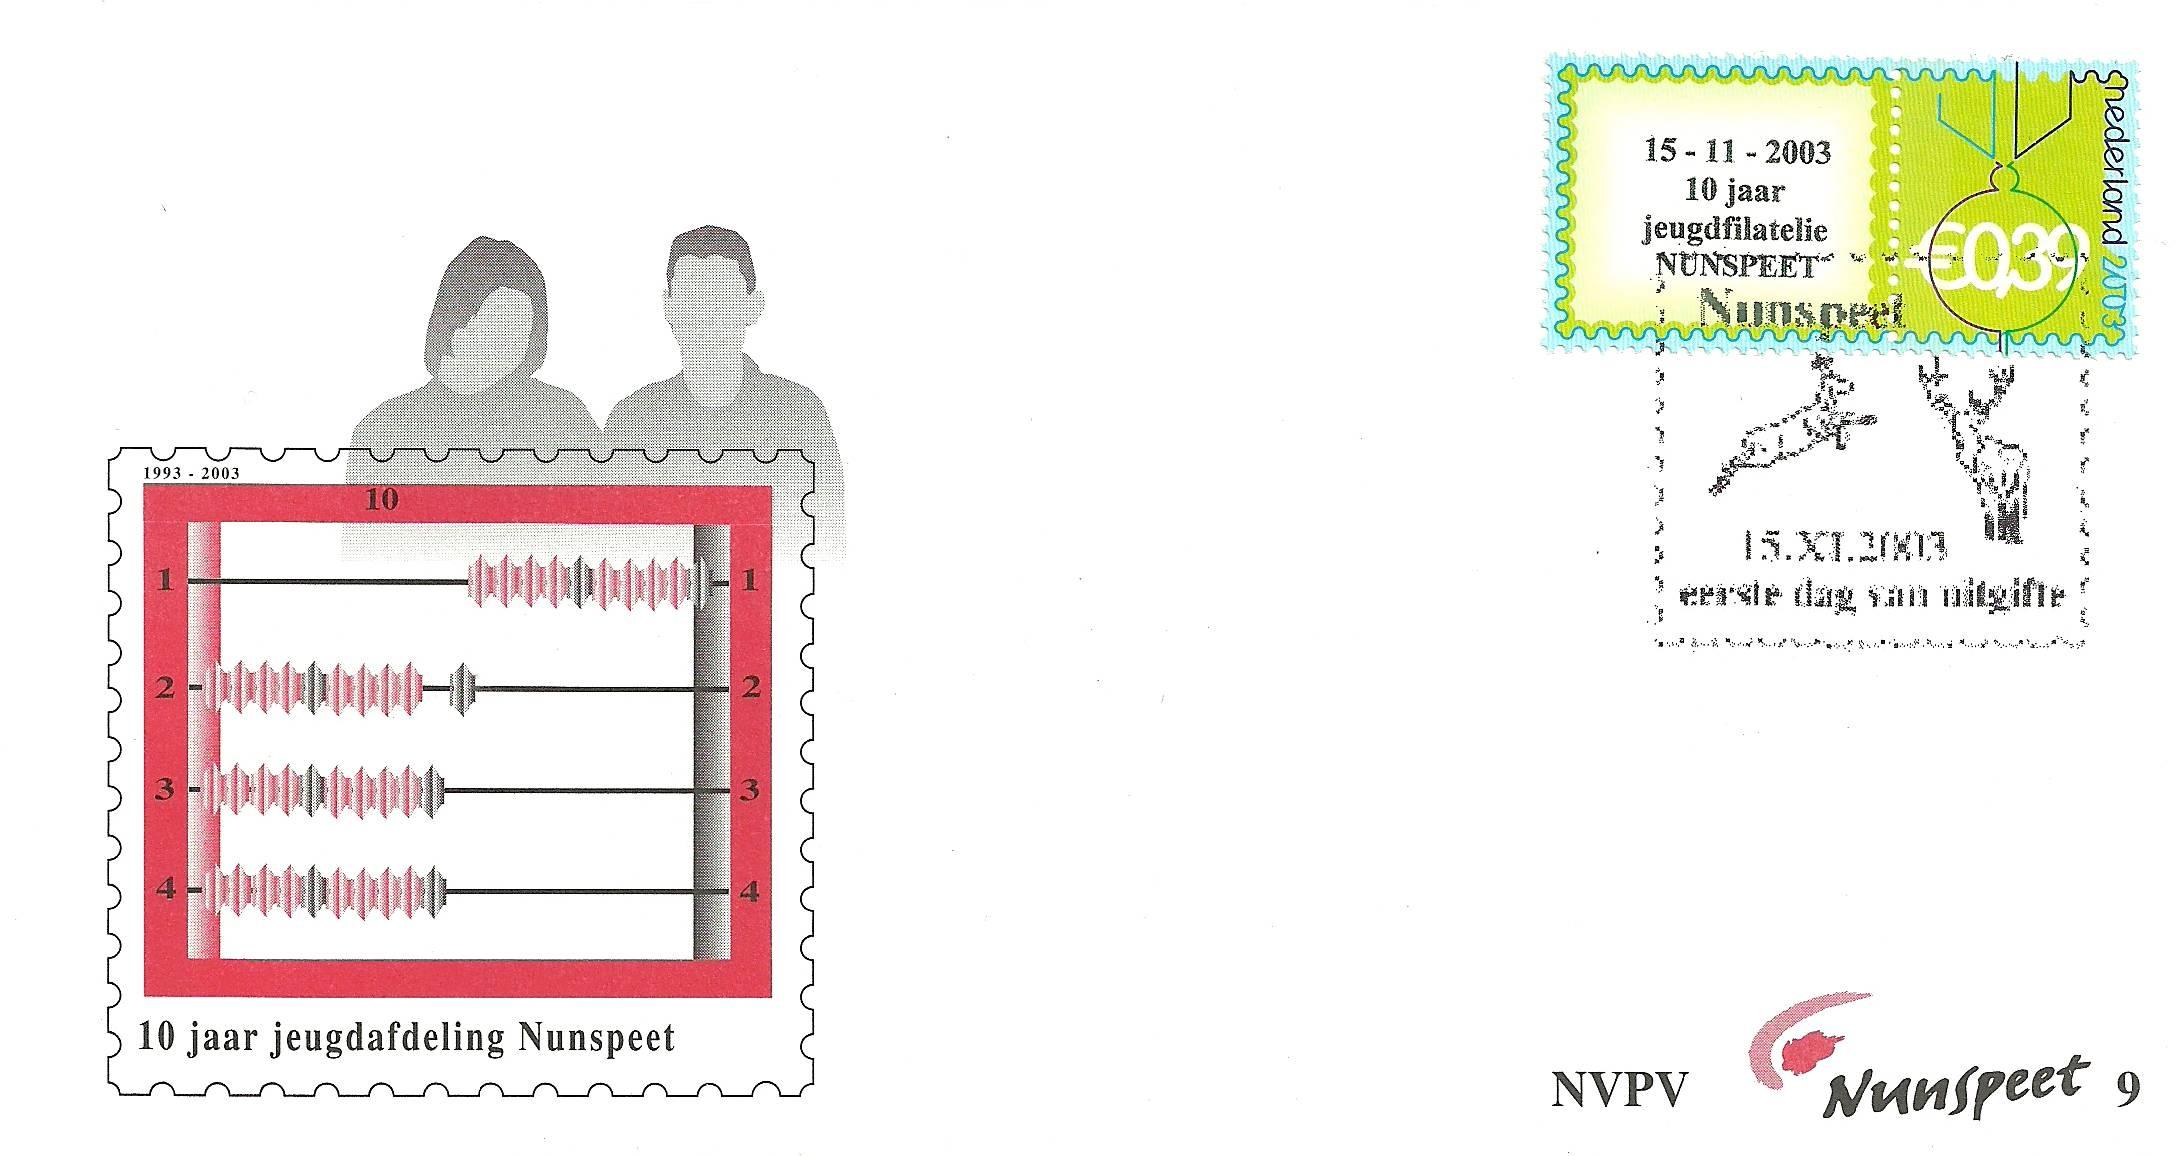 nr.9 met NVPH zegelnrs. 2171 - 2181